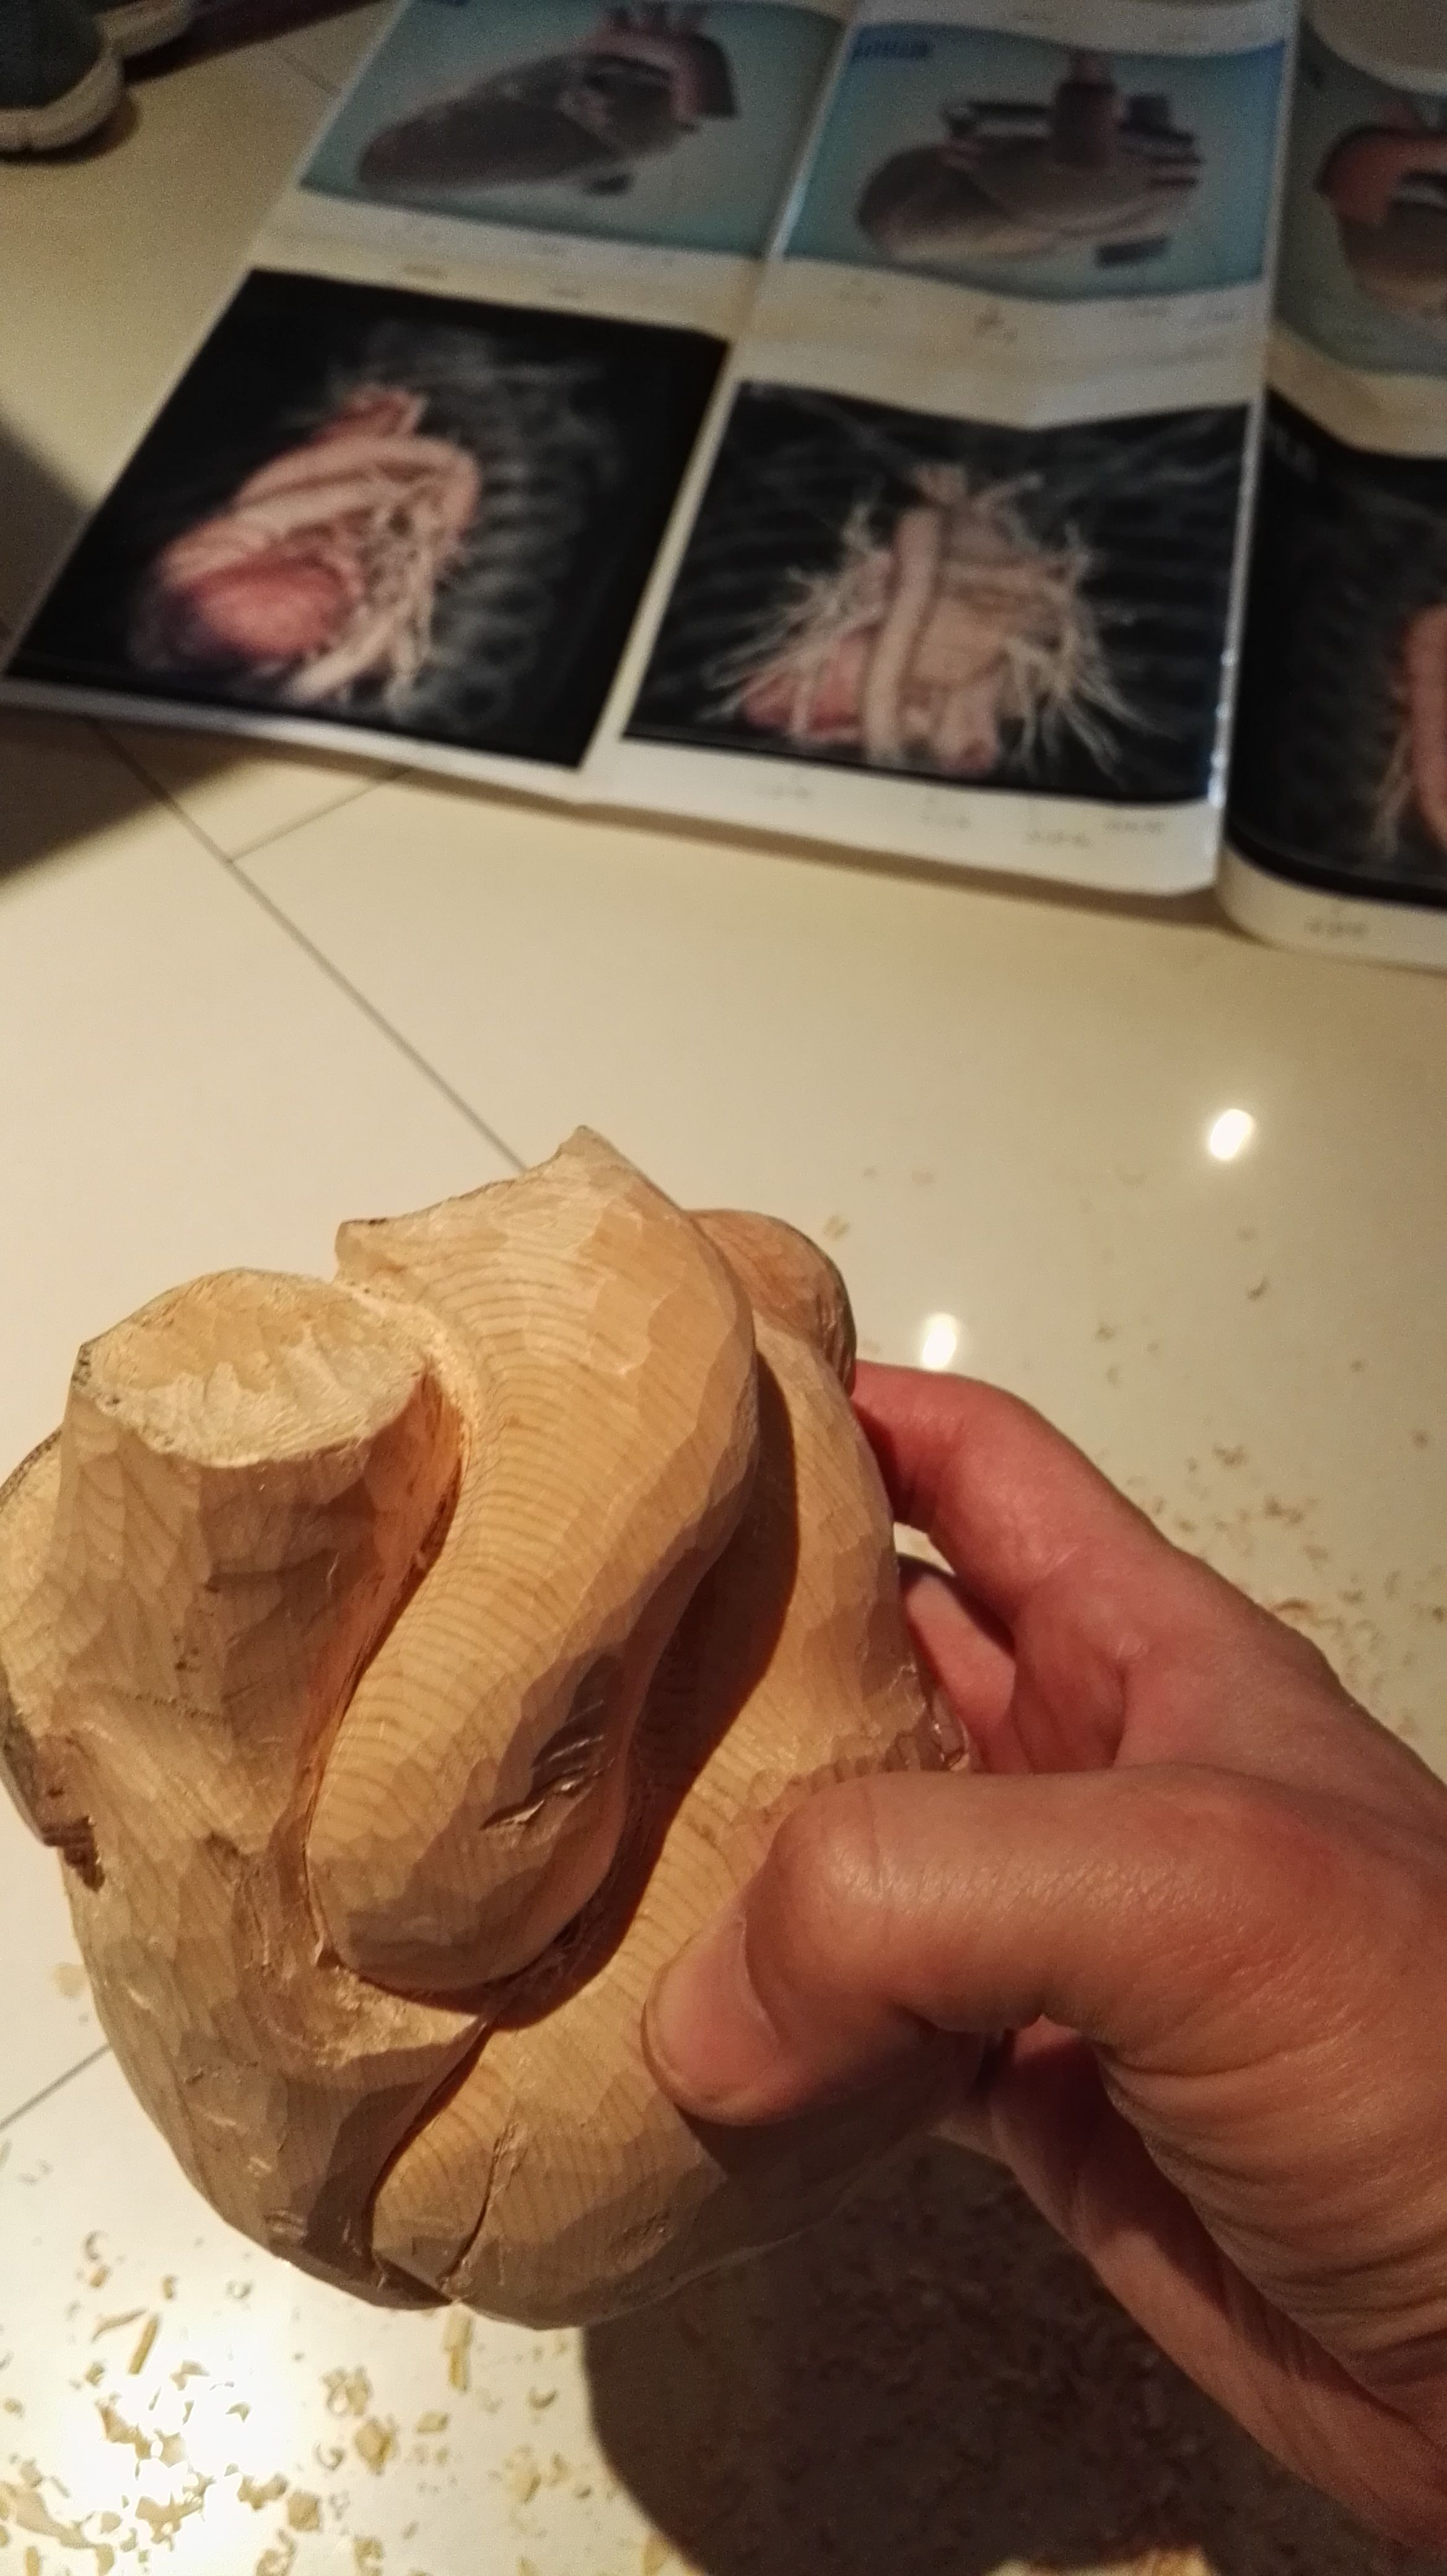 大動脈にノミの打痕がわずかに残る。形状を確認しながら少しずつ消していく。